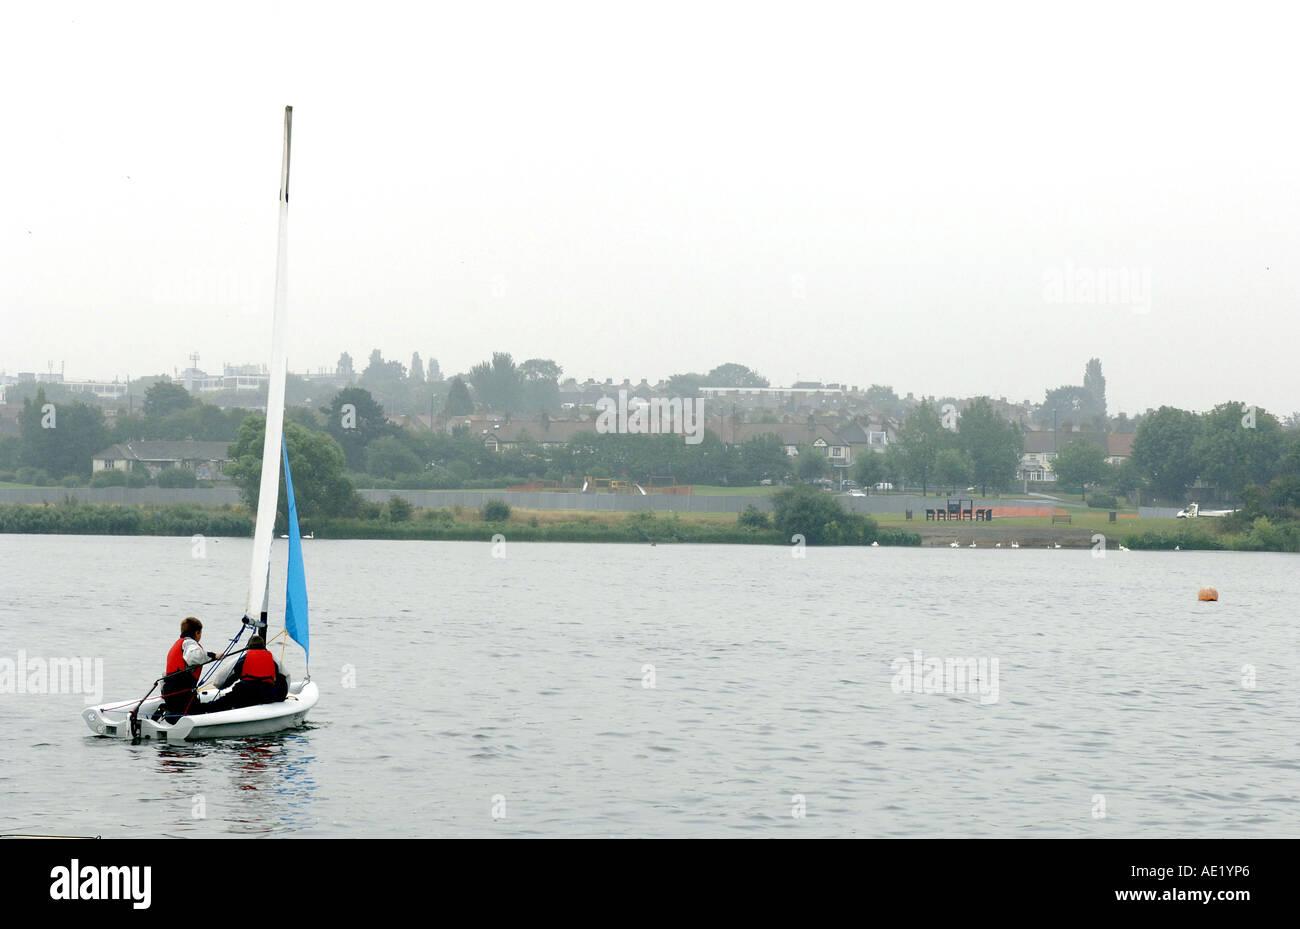 Les Cadets de la sur l'eau à l'Association de voile de l'Harpe galloise Londres Photos prises 28 Juillet 2005 Photo Stock